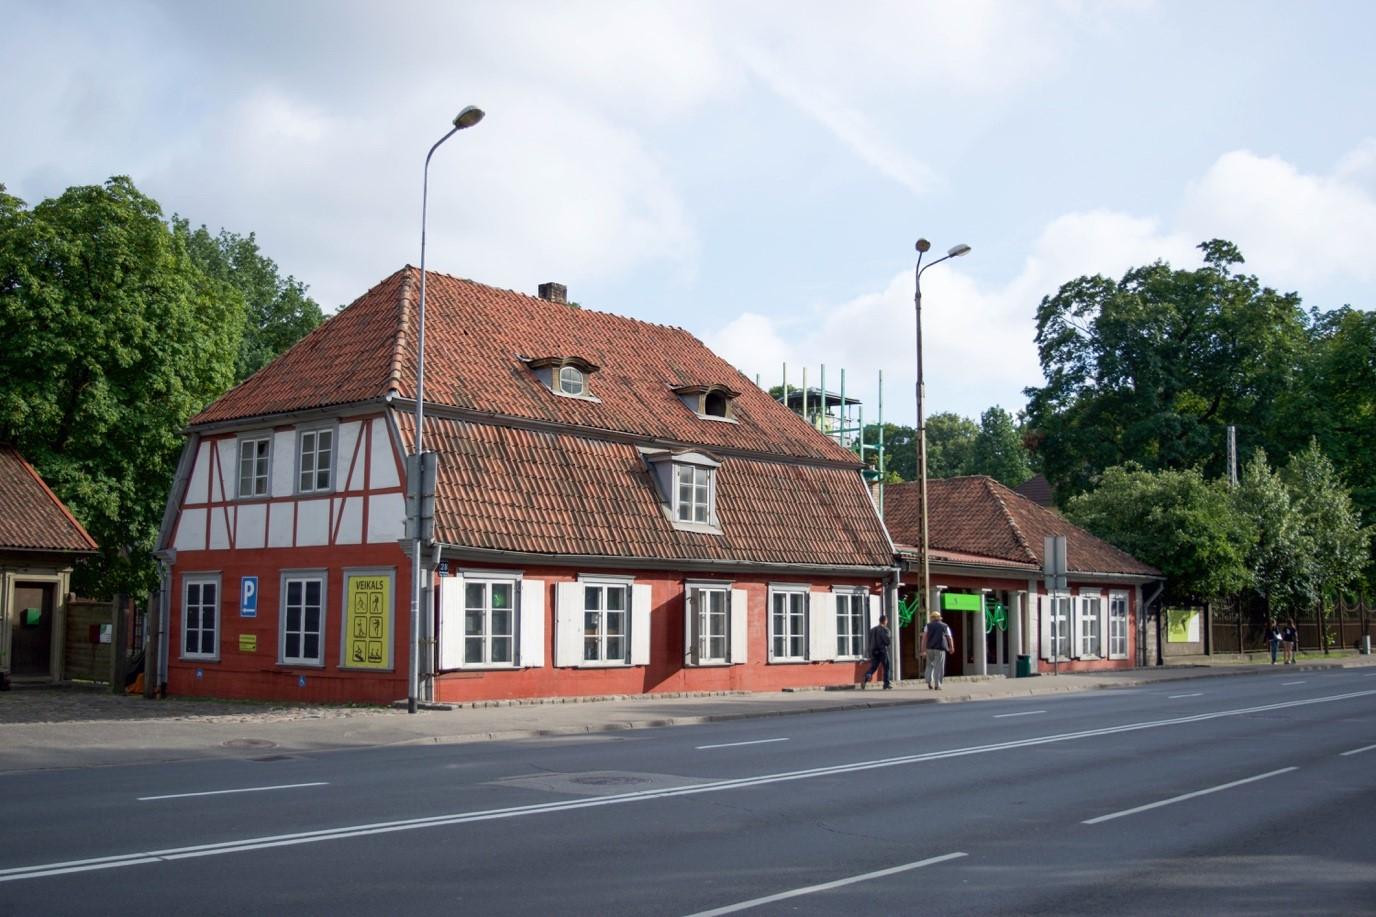 hartman's manor